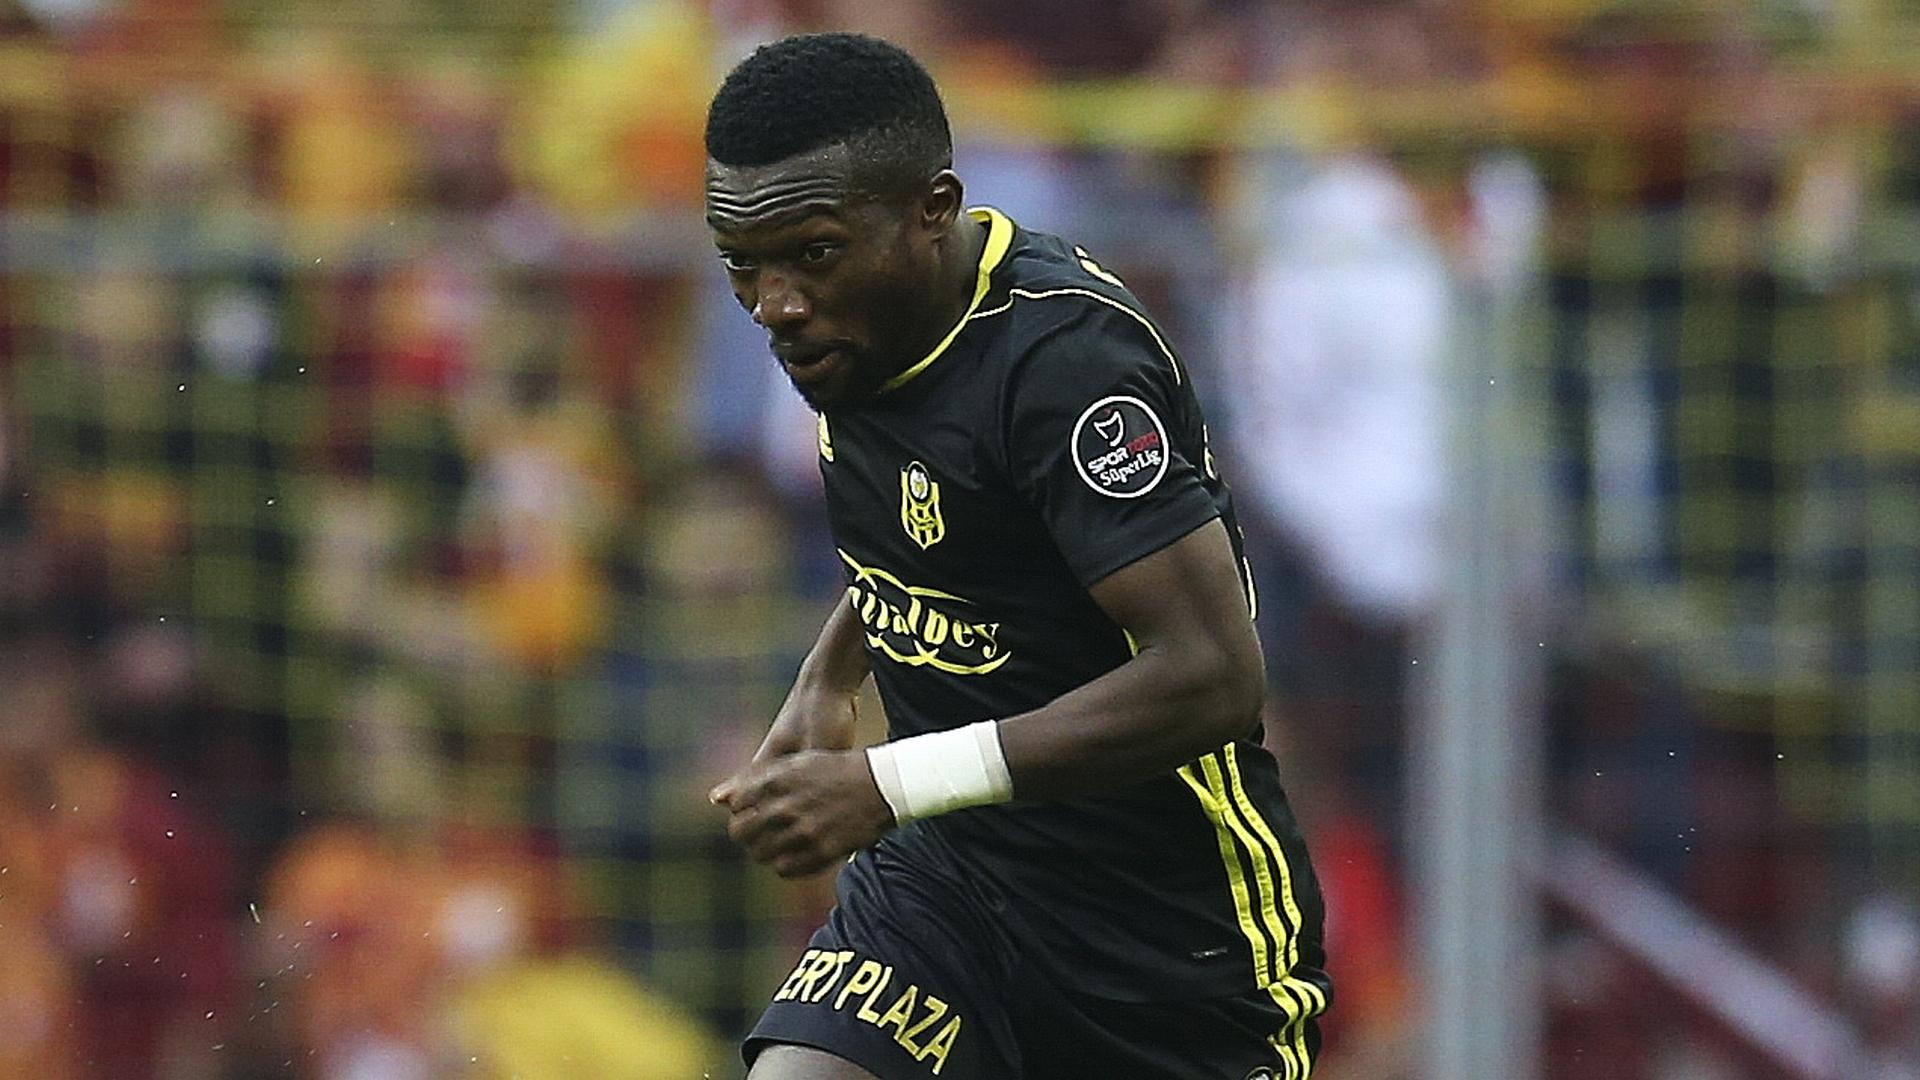 Azubuike Okechukwu Yeni Malatyaspor